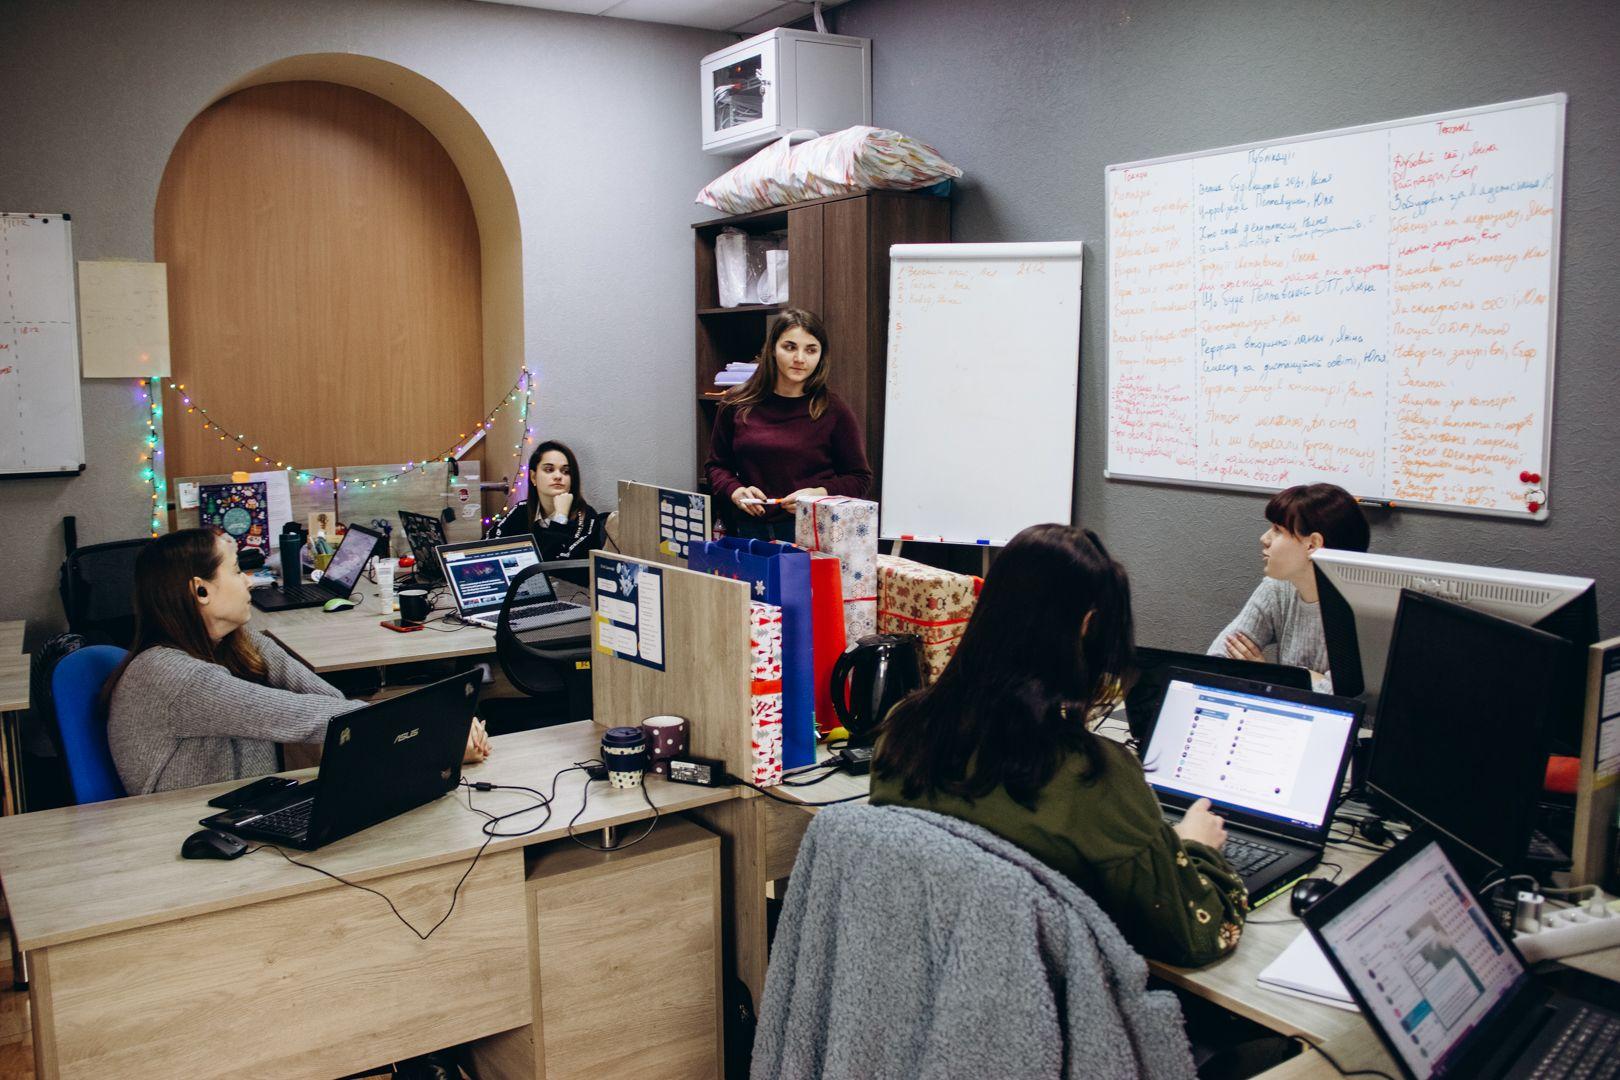 Полтавський «Зміст»: Усі поїдуть, а наші читачі залишаться